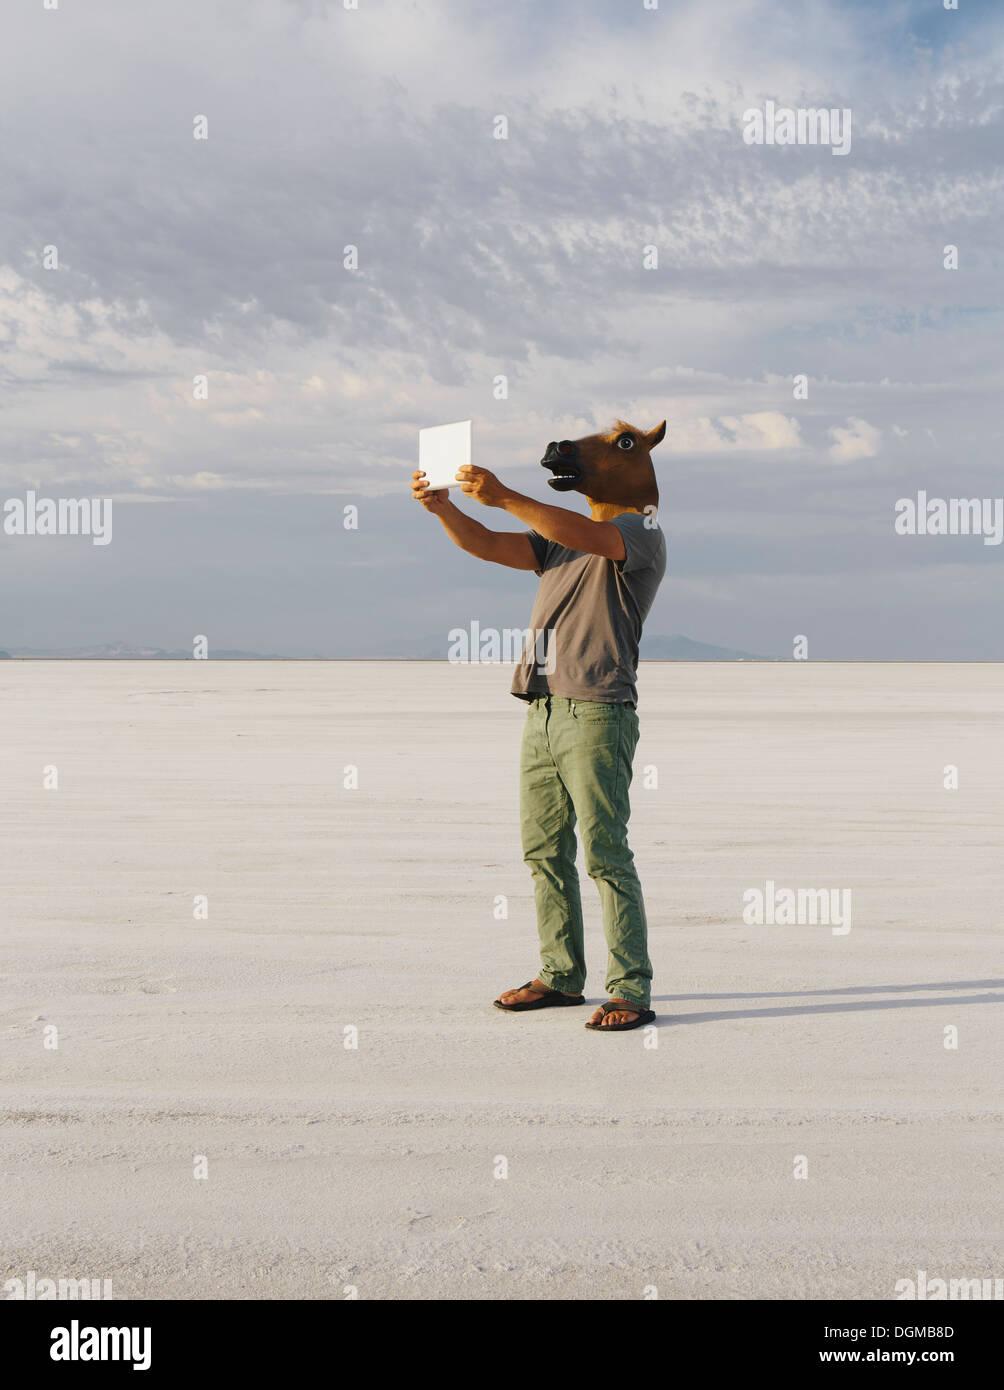 Un hombre que llevaba una máscara de caballo, tomar una fotografía con un dispositivo tablet, en Bonneville Salt Flats. Imagen De Stock